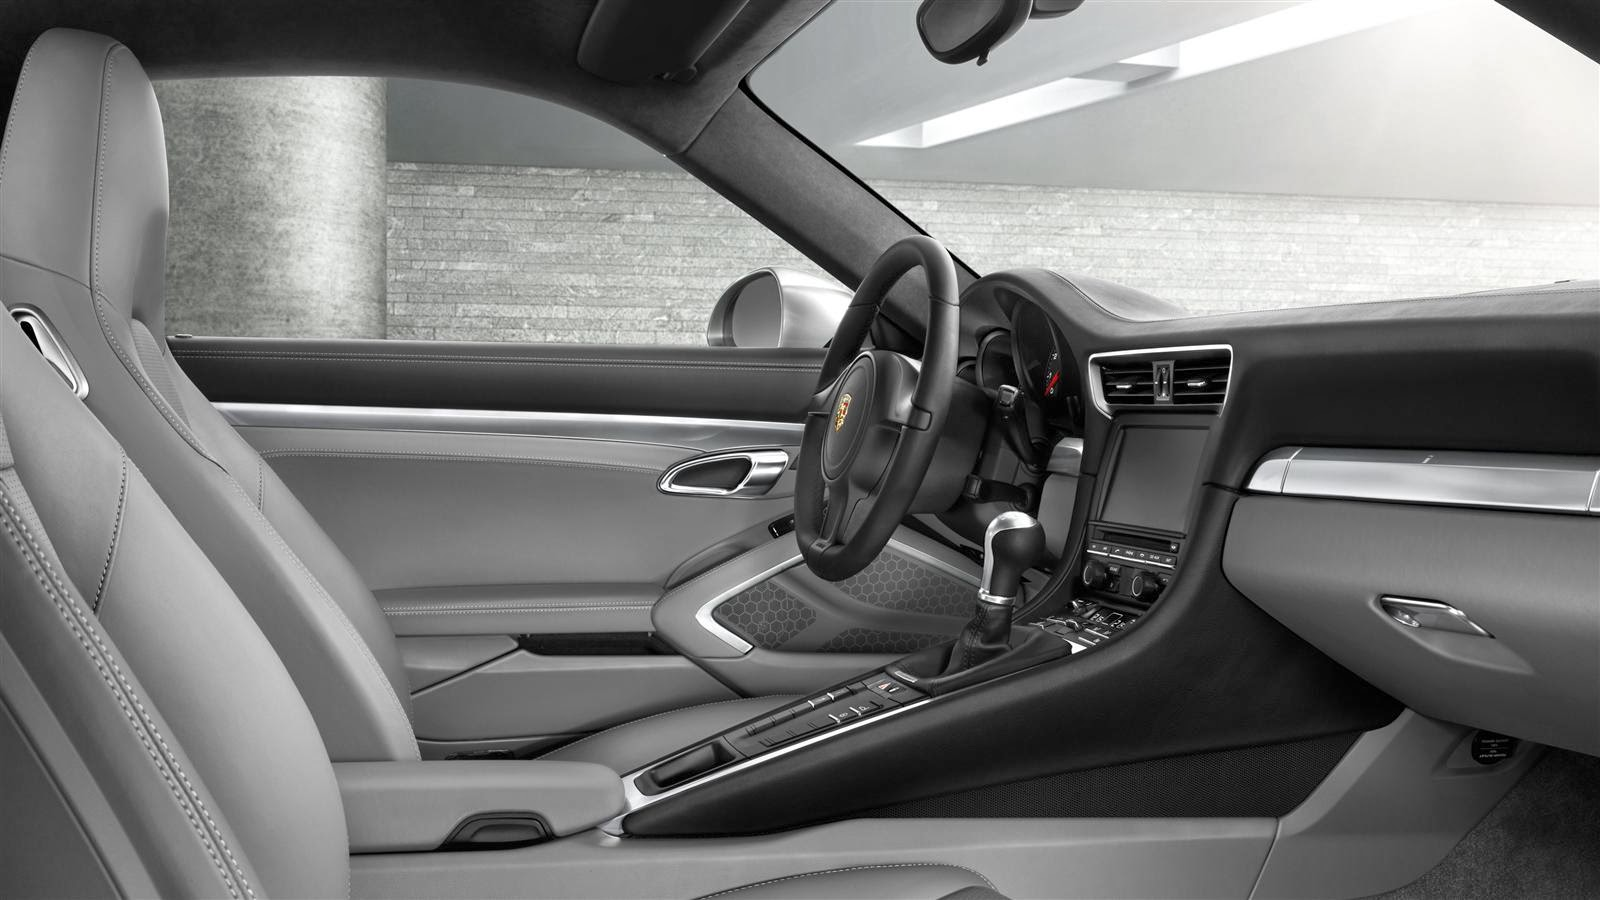 Porsche 911 Carrera Cabriolet Interior